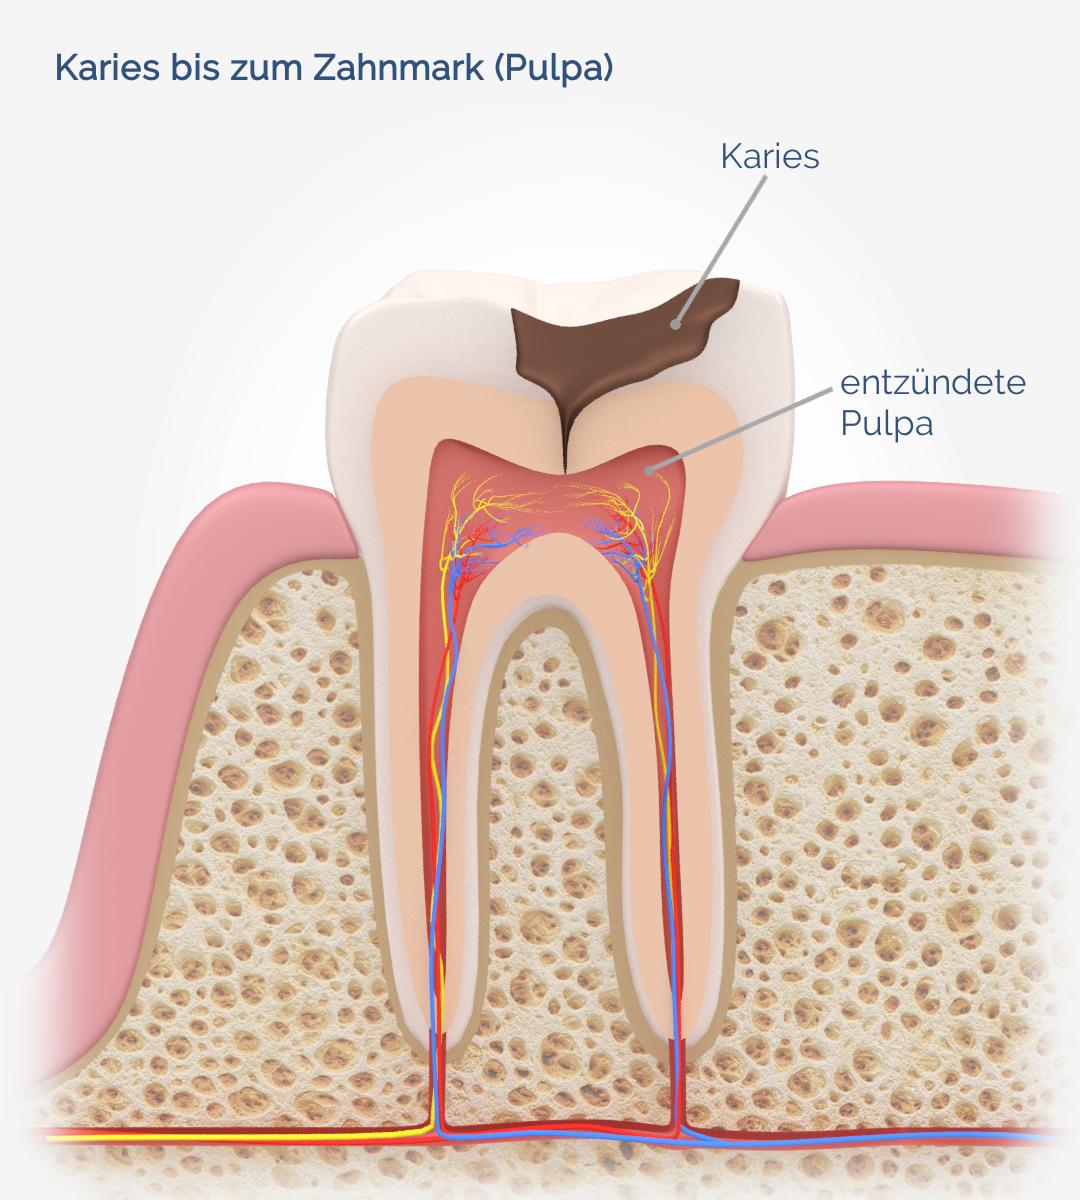 Karies bis zum Zahnmark